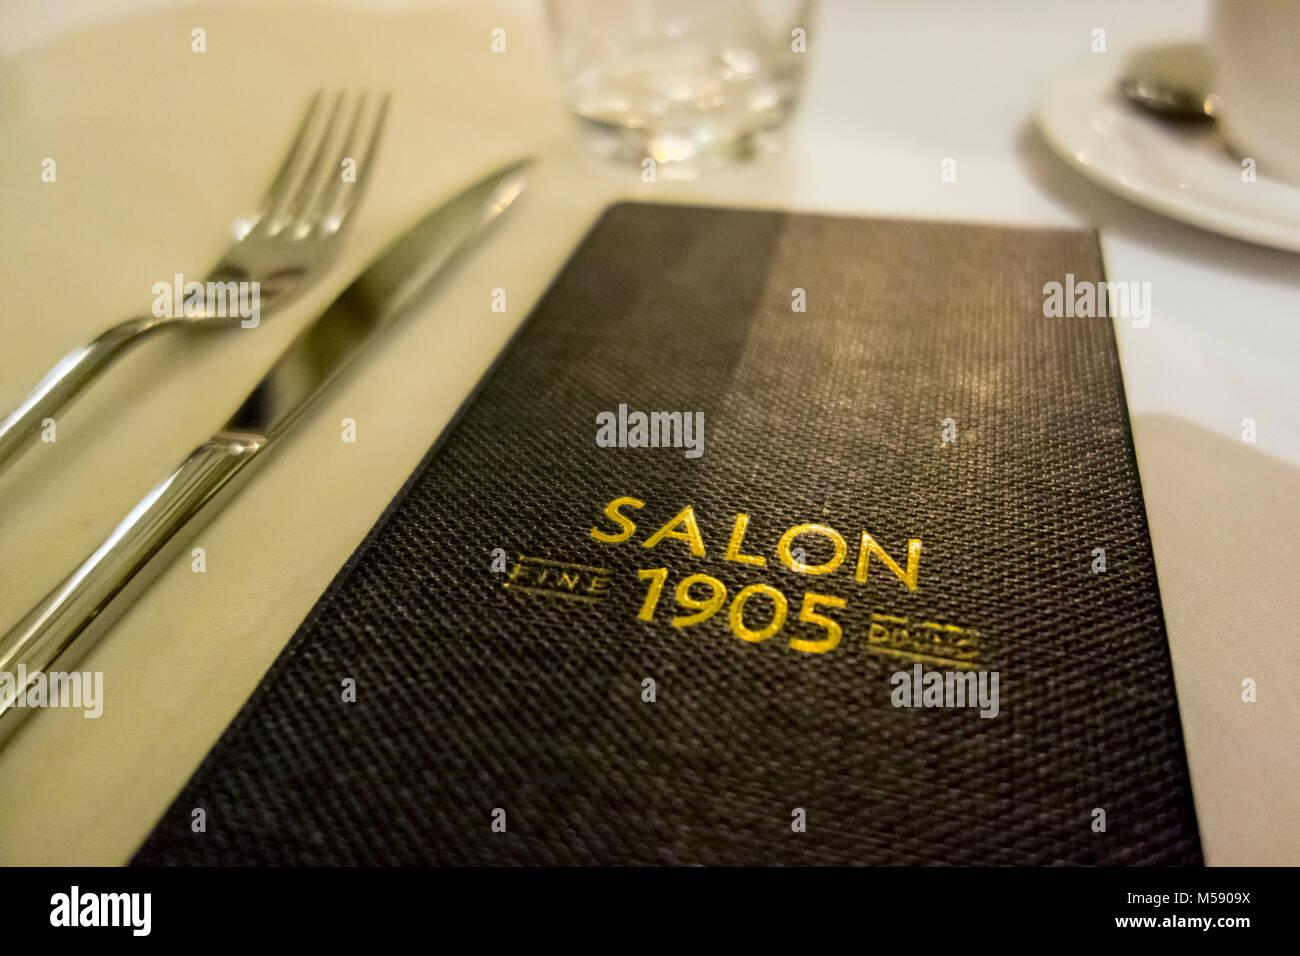 E projet de loi dans le cadre du Salon 1905, un restaurant gastronomique à Belgrade, Serbie Photo Stock